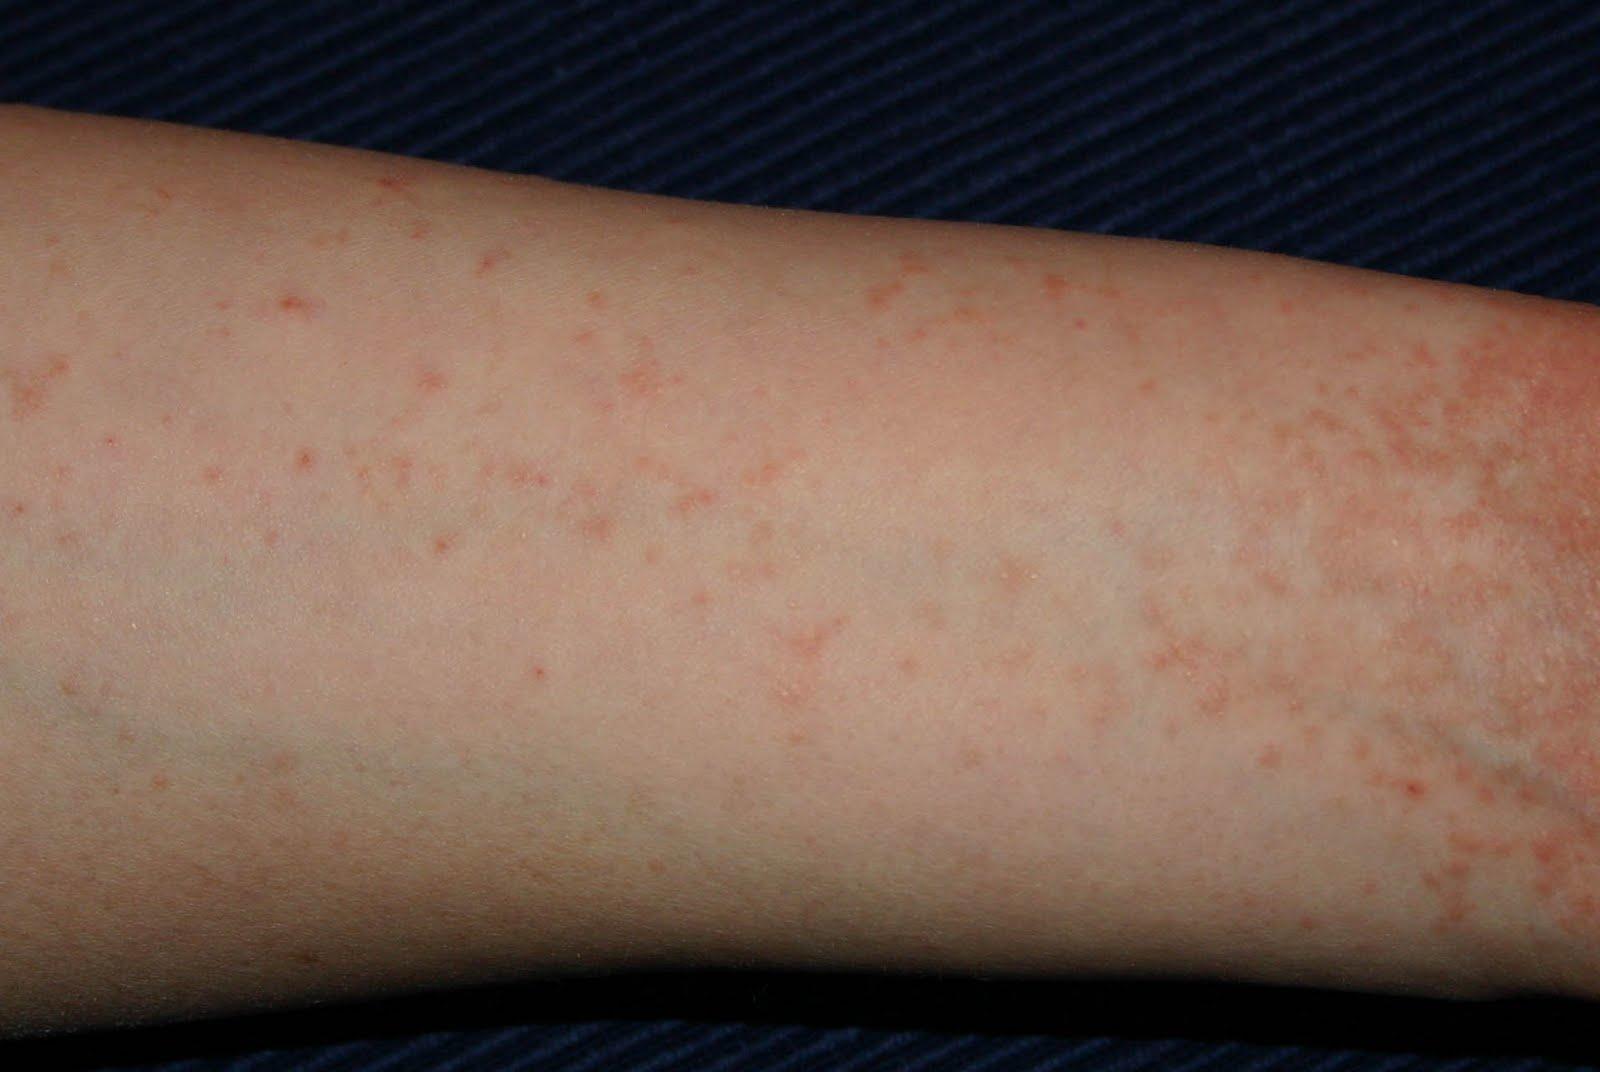 hogyan kell kezelni a pikkelysömör sas a bőrre nyomva vörös folt marad